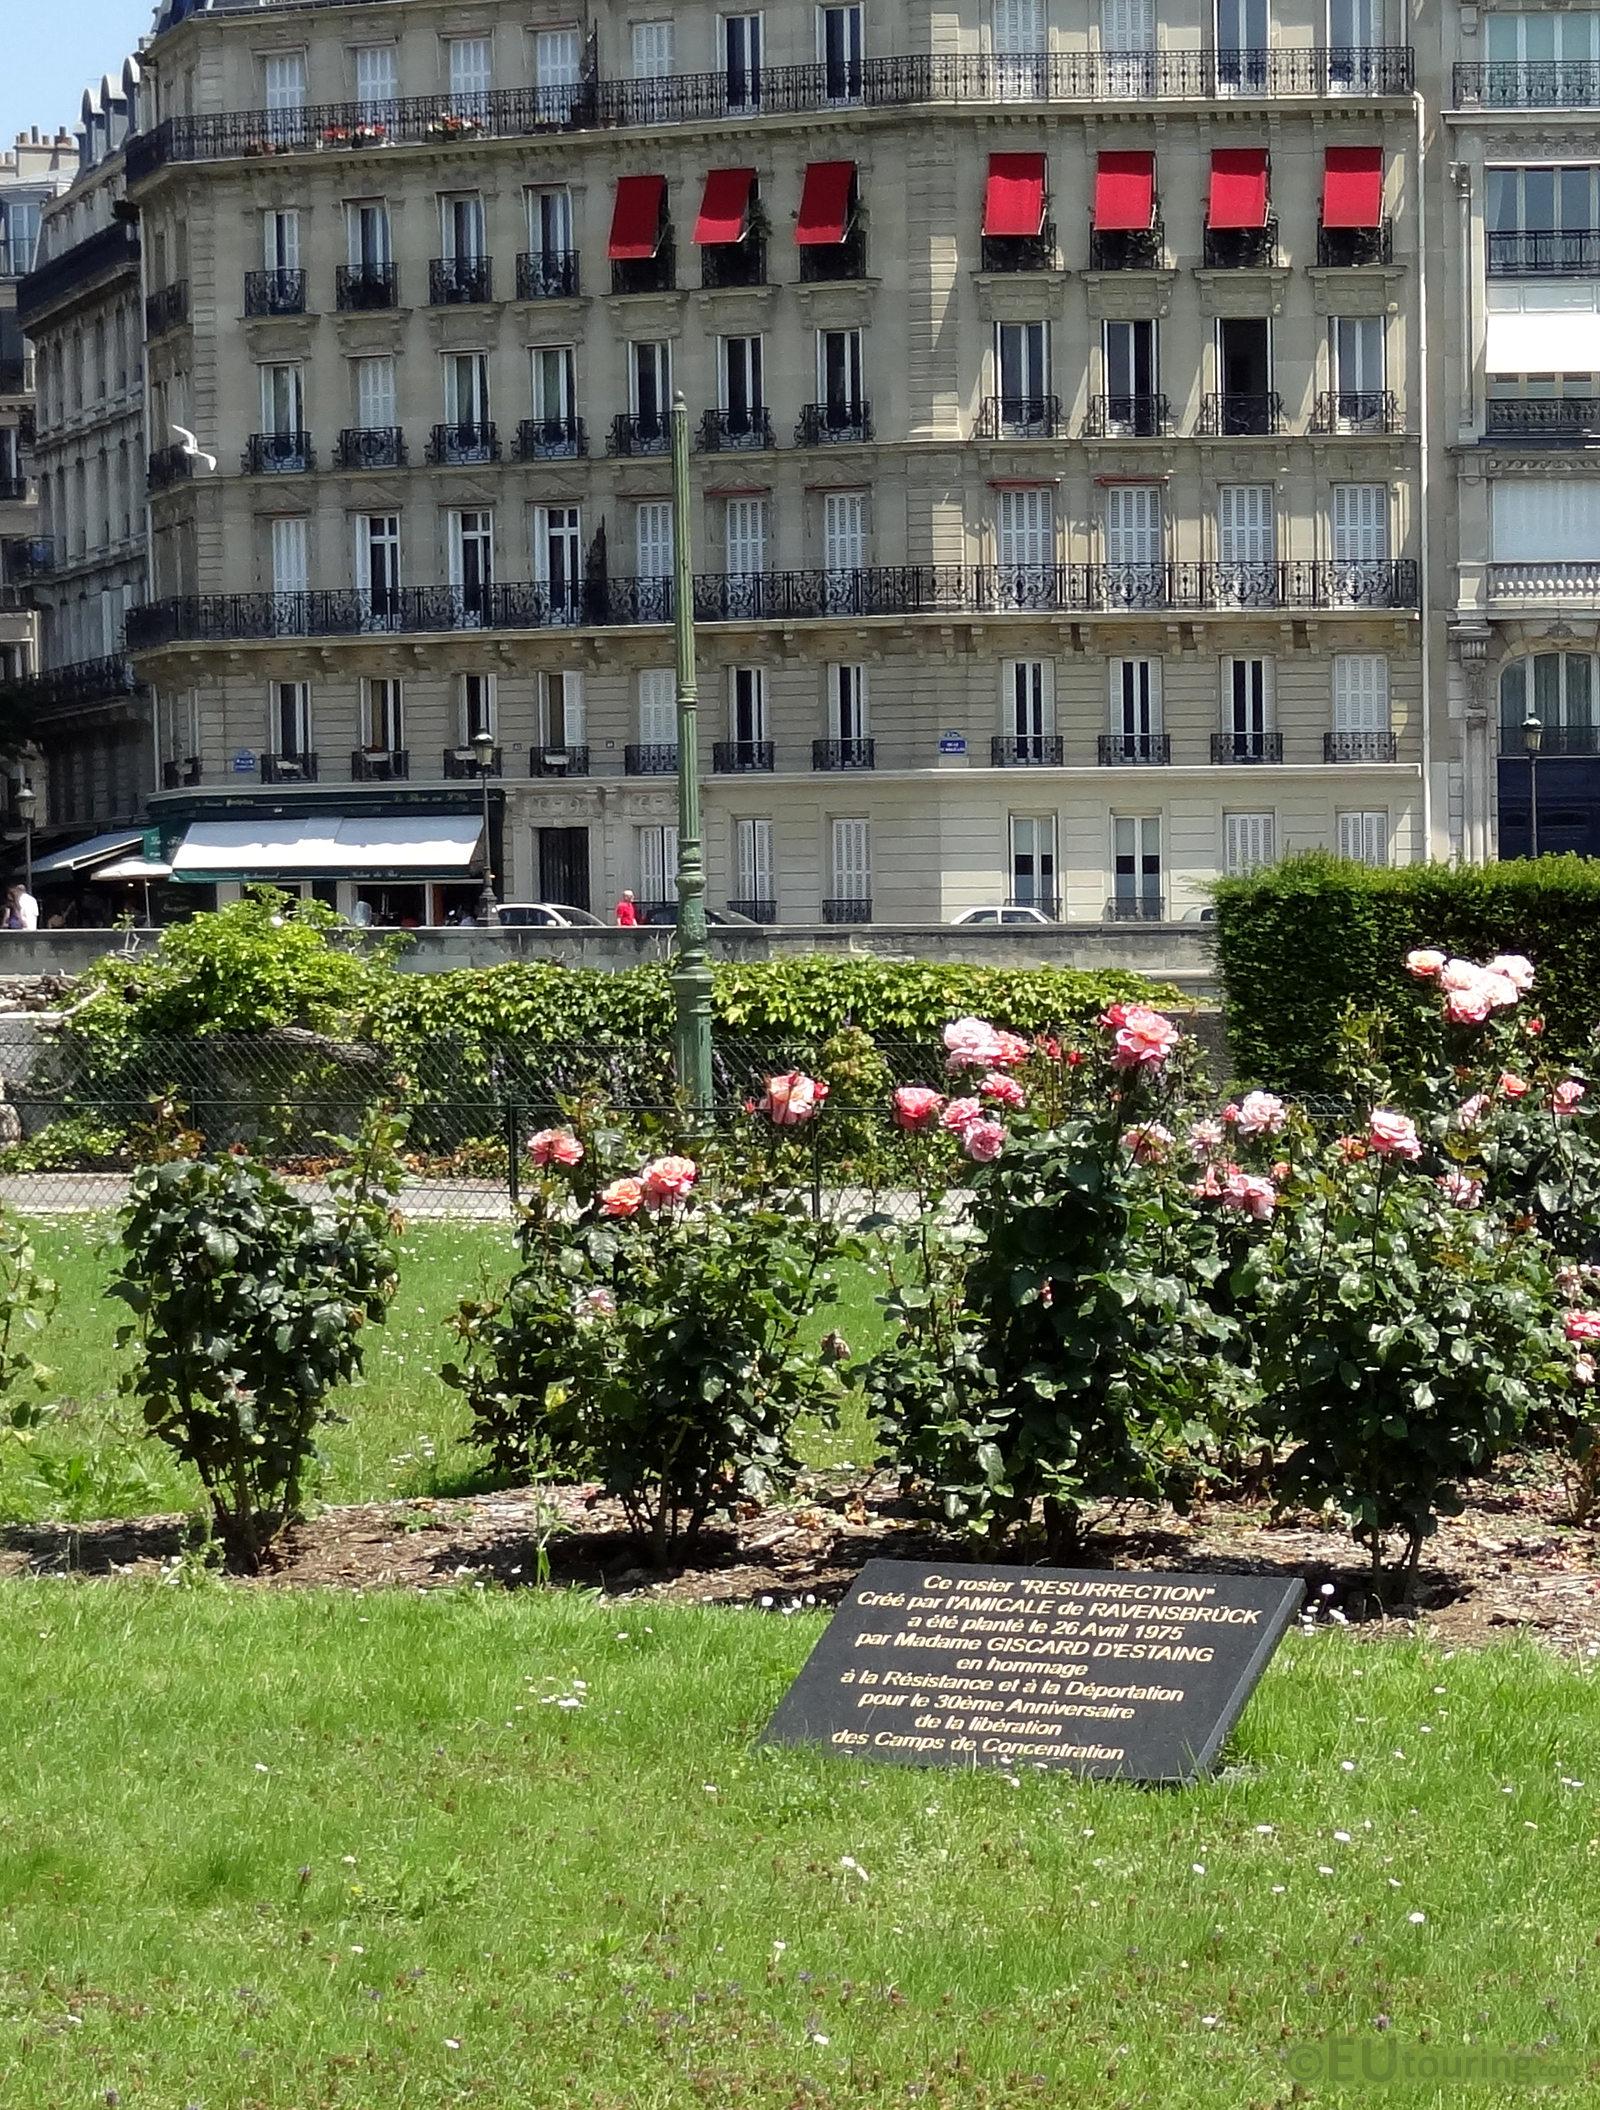 photos of square de l 39 ile de france in paris page 1. Black Bedroom Furniture Sets. Home Design Ideas